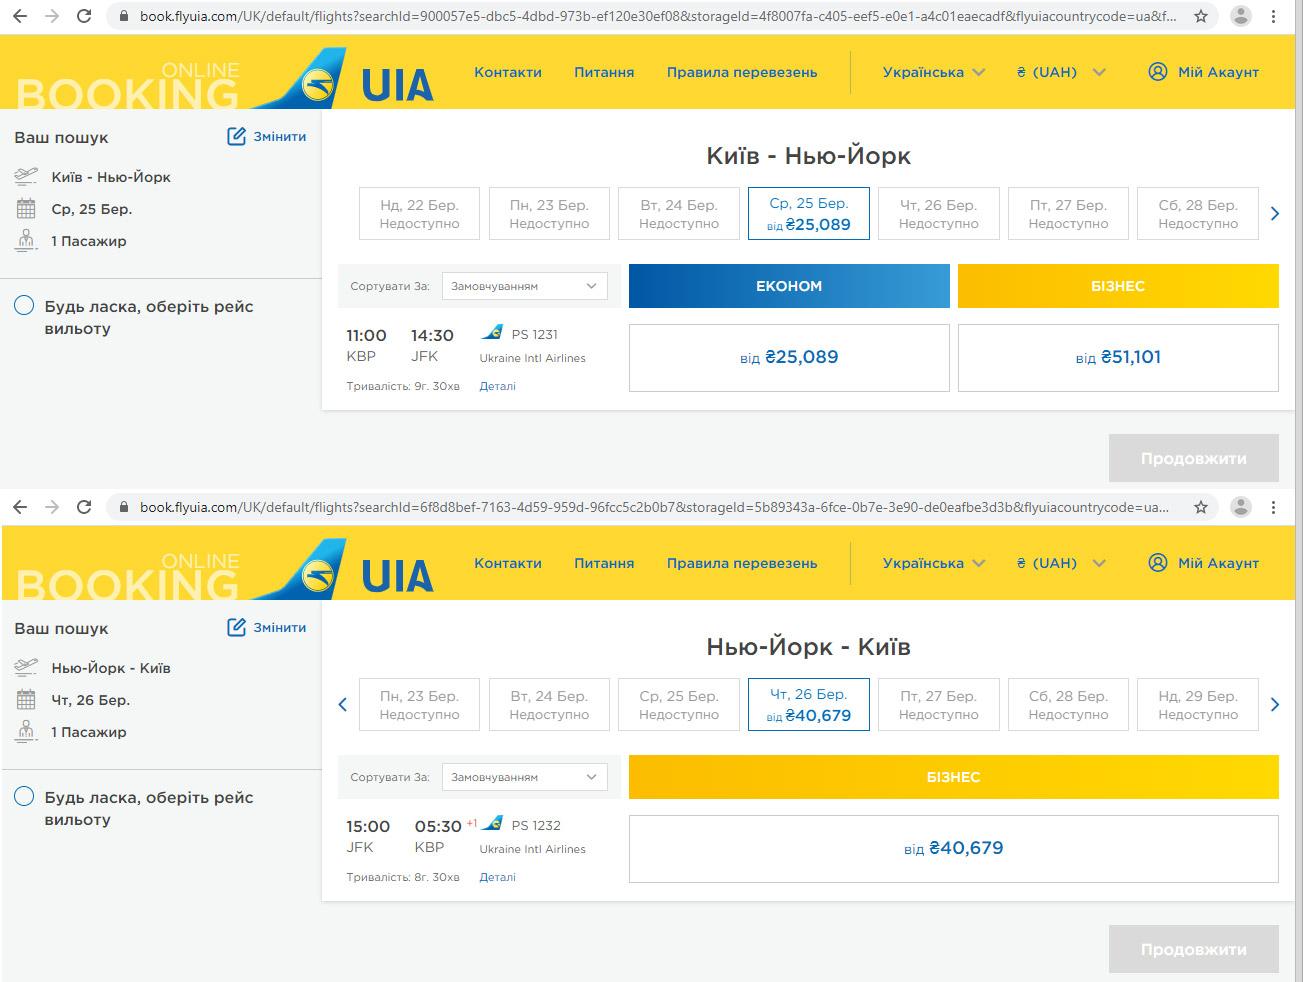 Авиабилеты на эвакуационные рейсы МАУ Киев-Нью-Йорк и Нью-Йорк-Киев